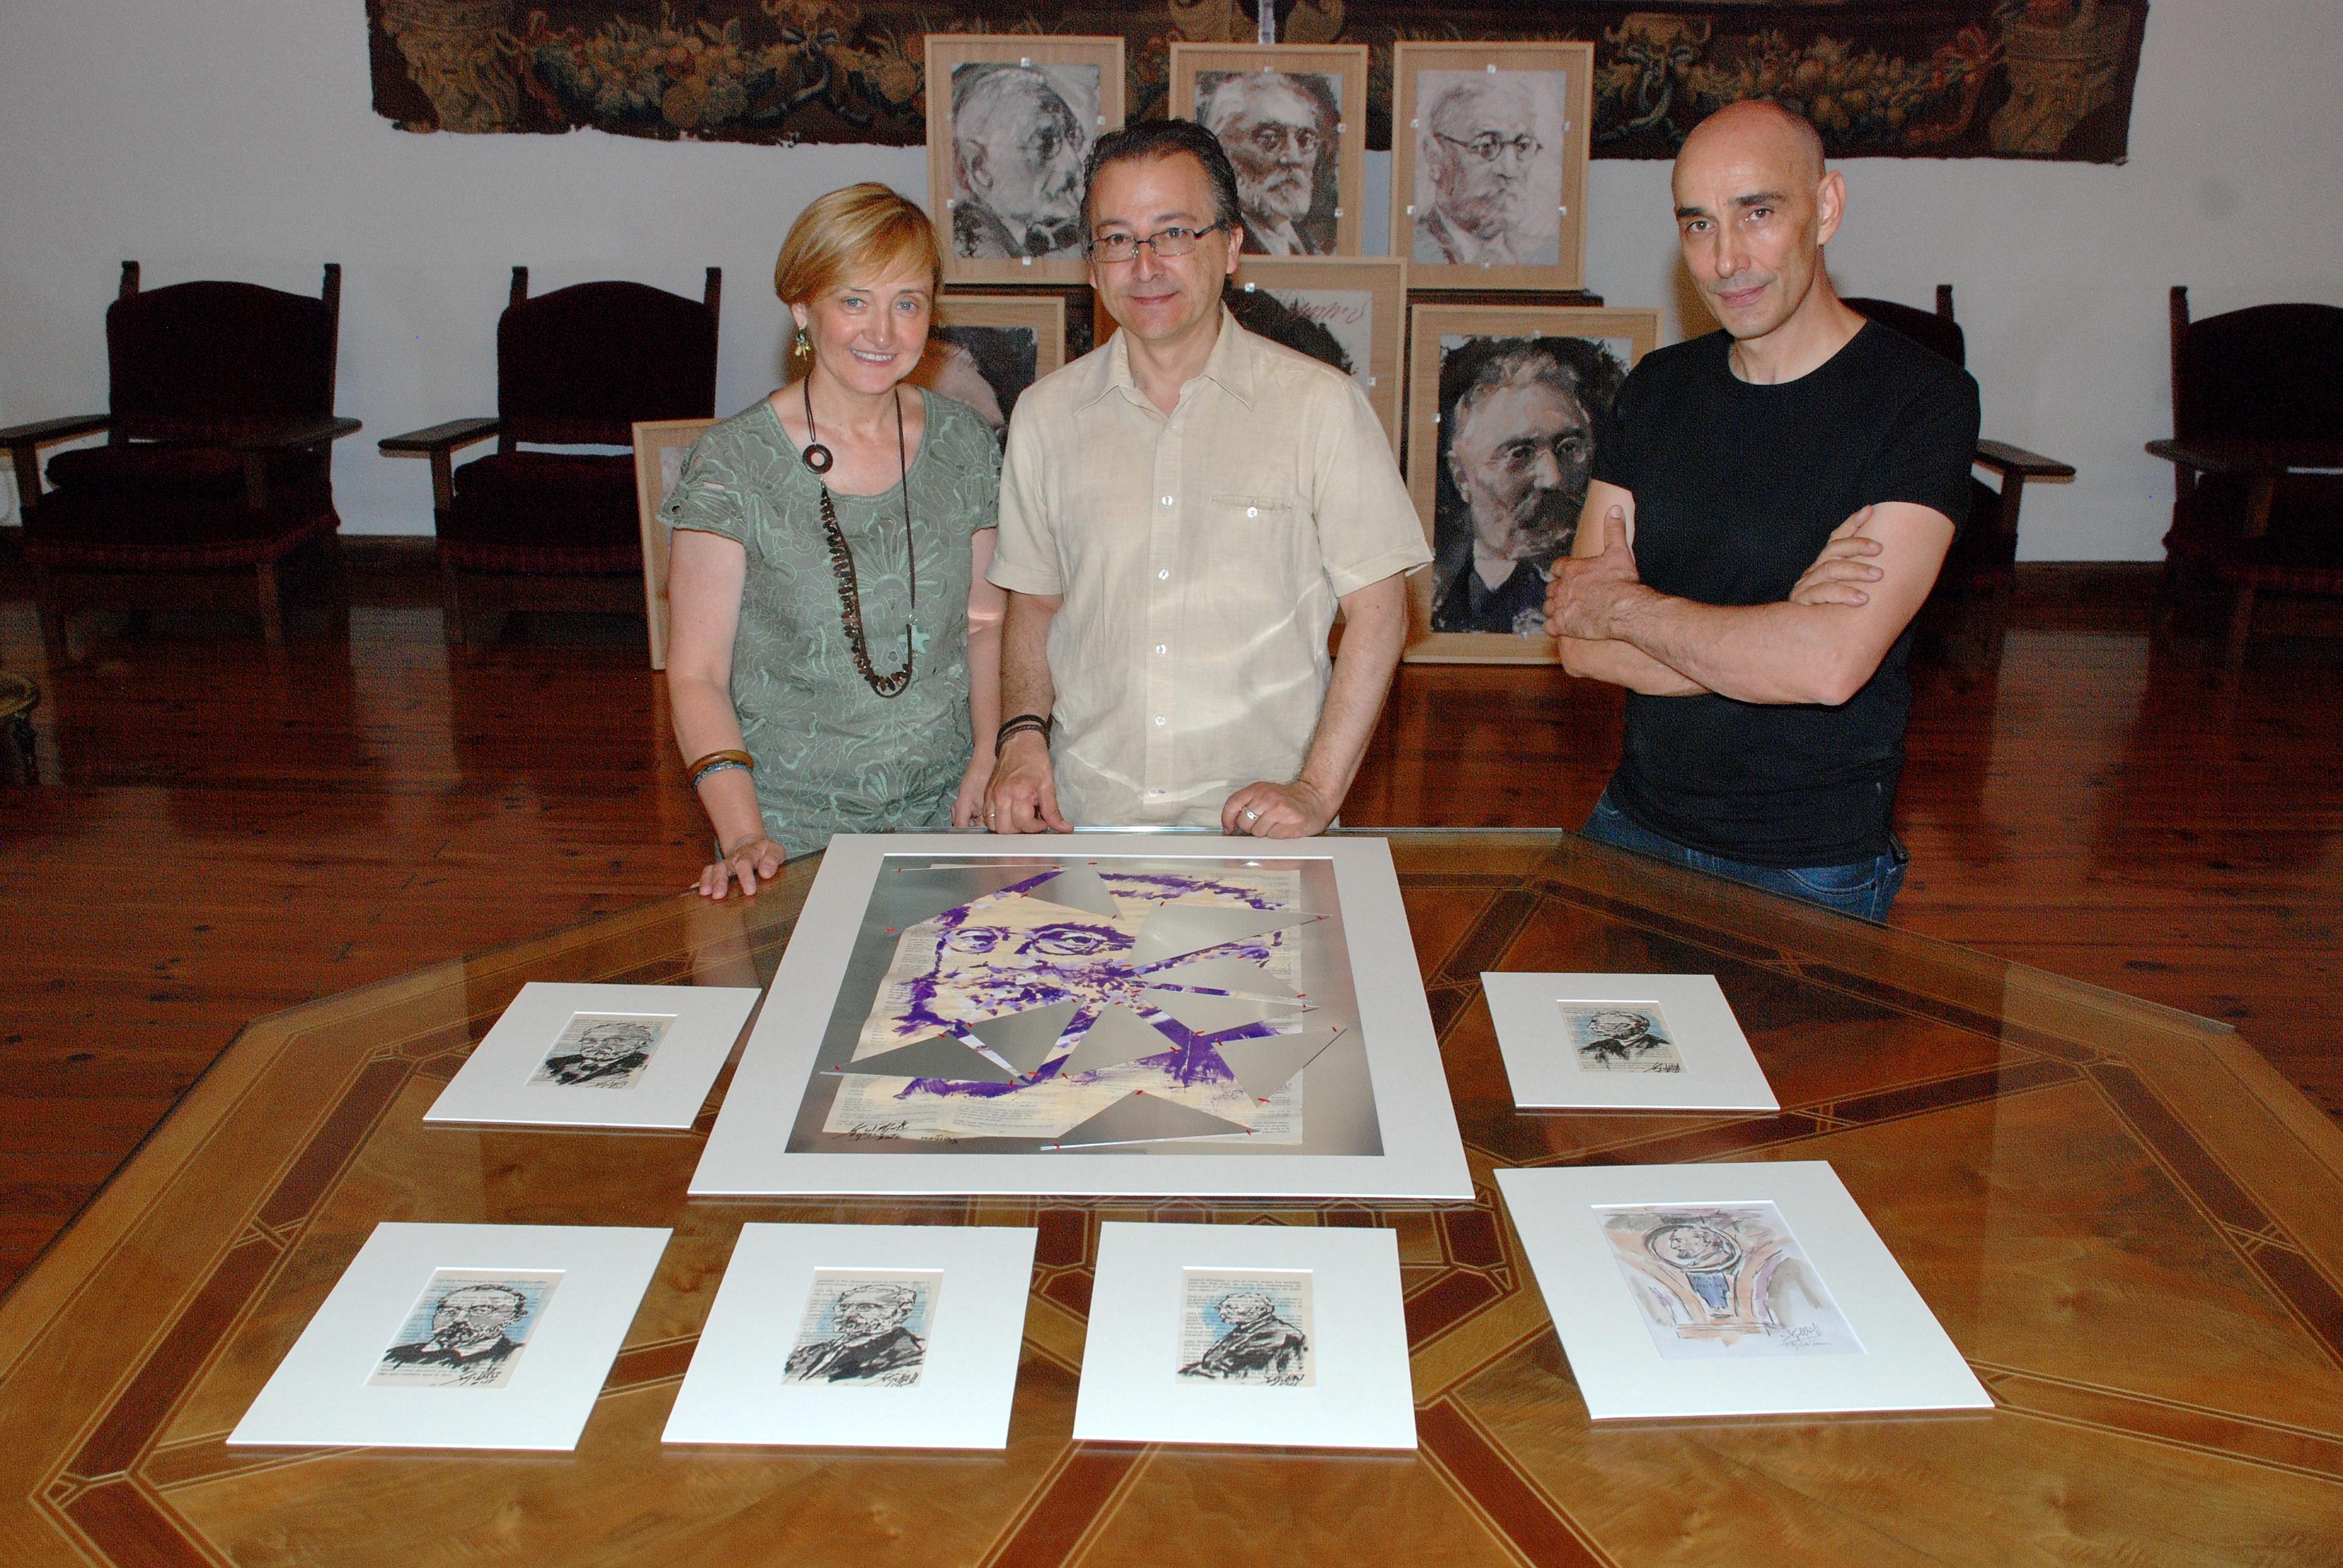 La Casa Museo Unamuno recibe una serie de trabajos artísticos inspirados en la figura de Miguel de Unamuno